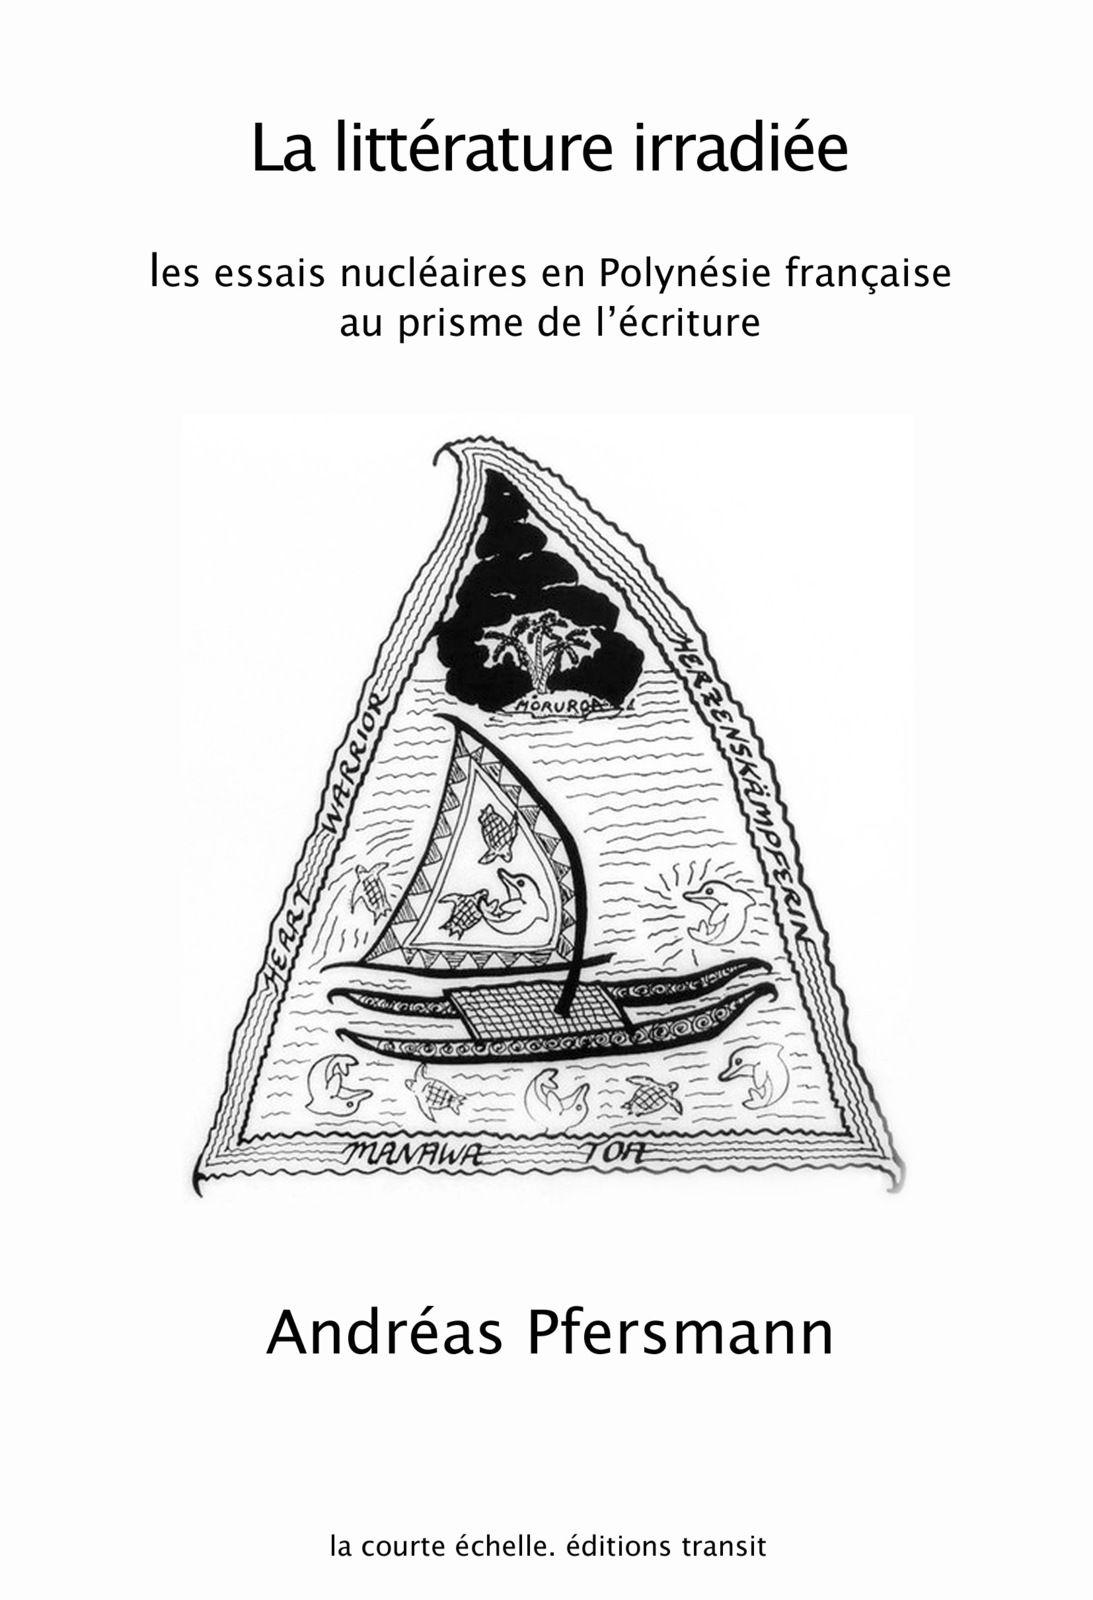 A. Pfersmann, La Littérature irradiée. Les essais nuclaires en Polynésie française au prisme de l'écriture